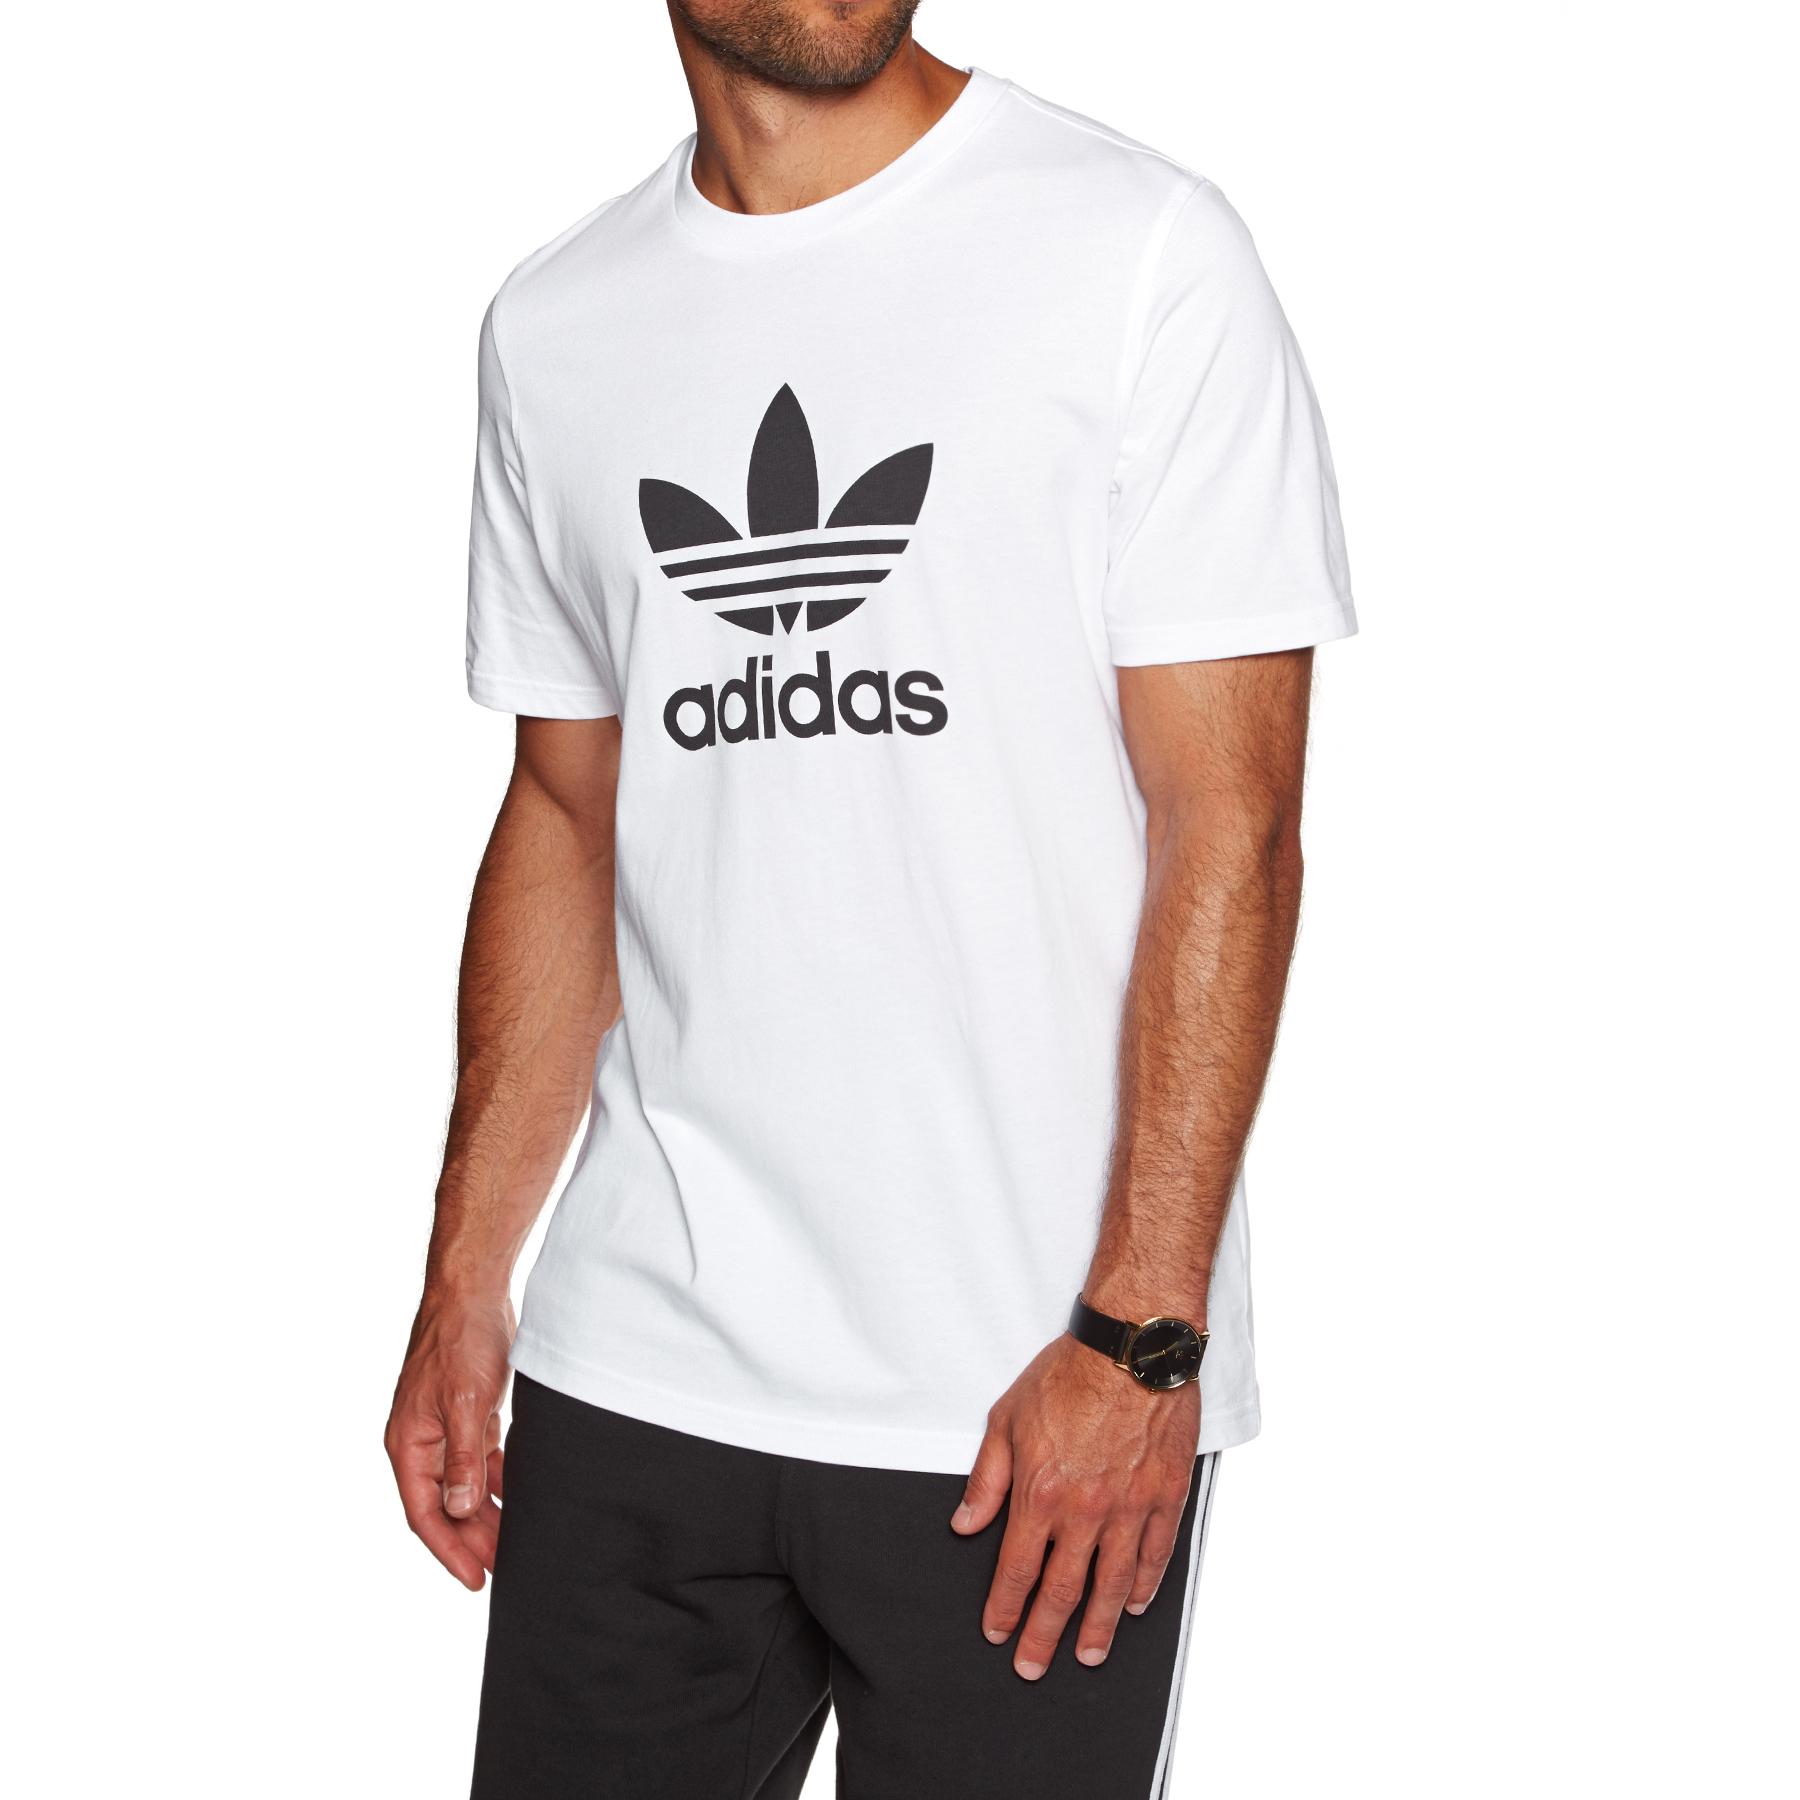 Adidas Originals von Surfdome erhältlich Surfdome Deutschland